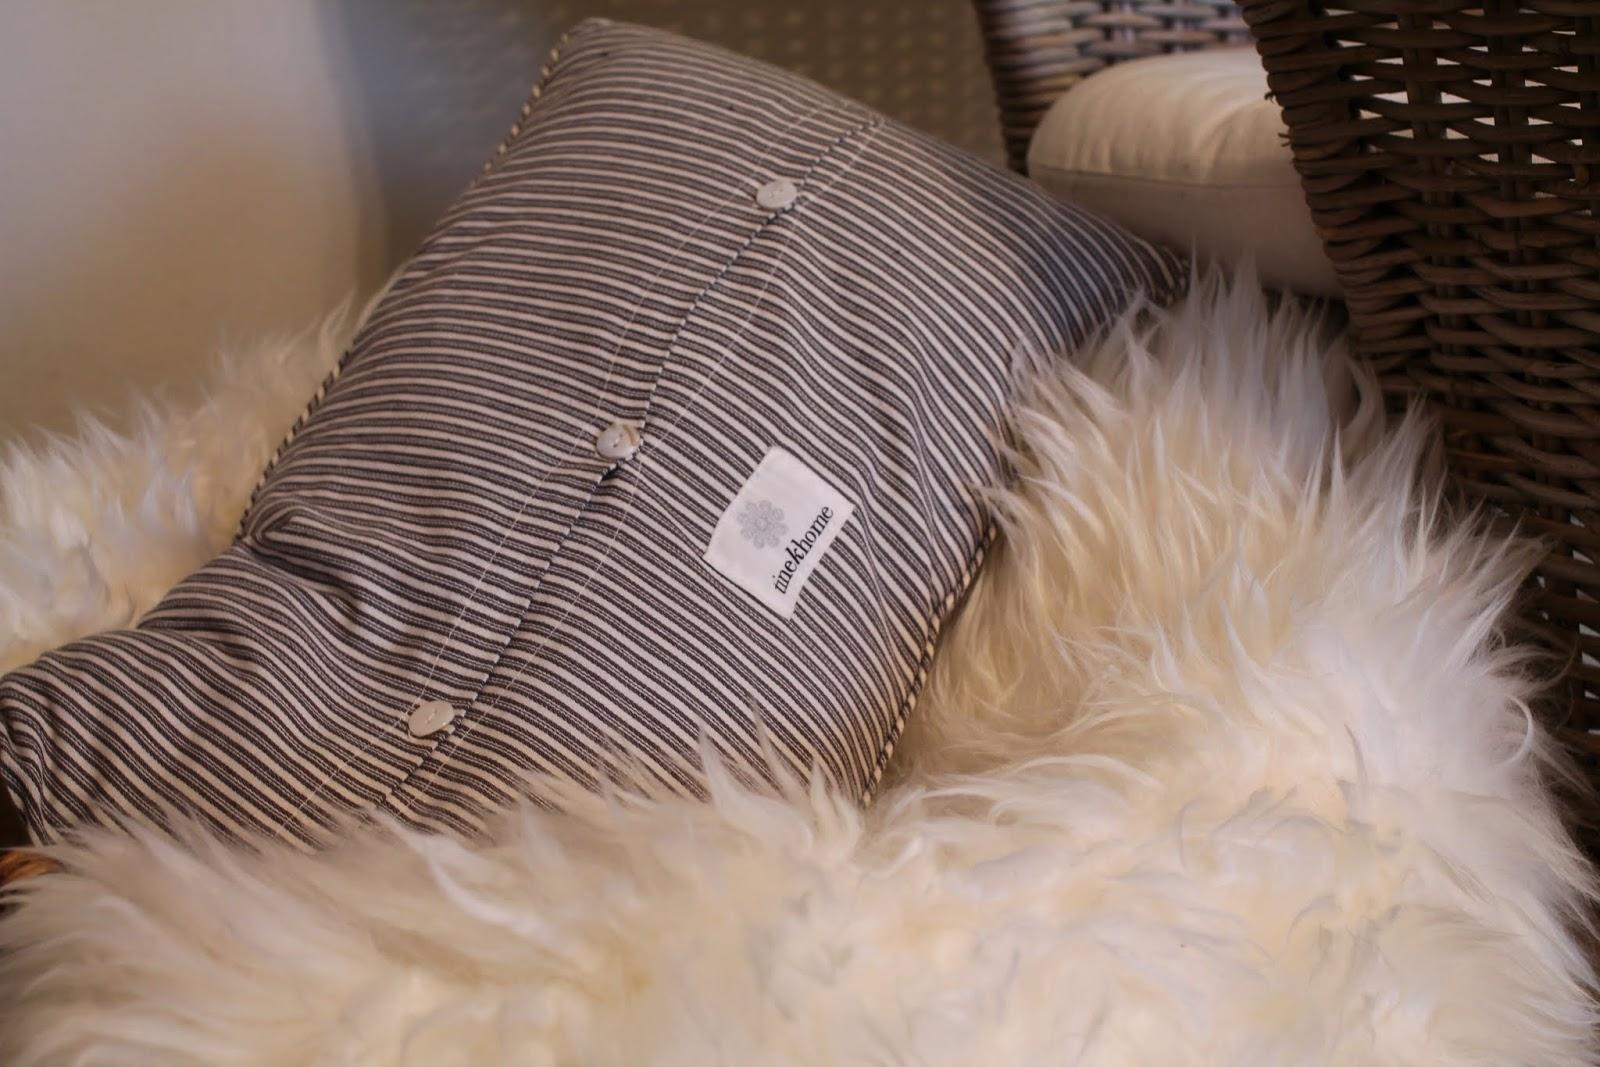 cozy corner, lukunurkkaus, ikea lampaantalja, tineK tyyny, tyynynpäällinen, byholma nojatuoli, tineKhome